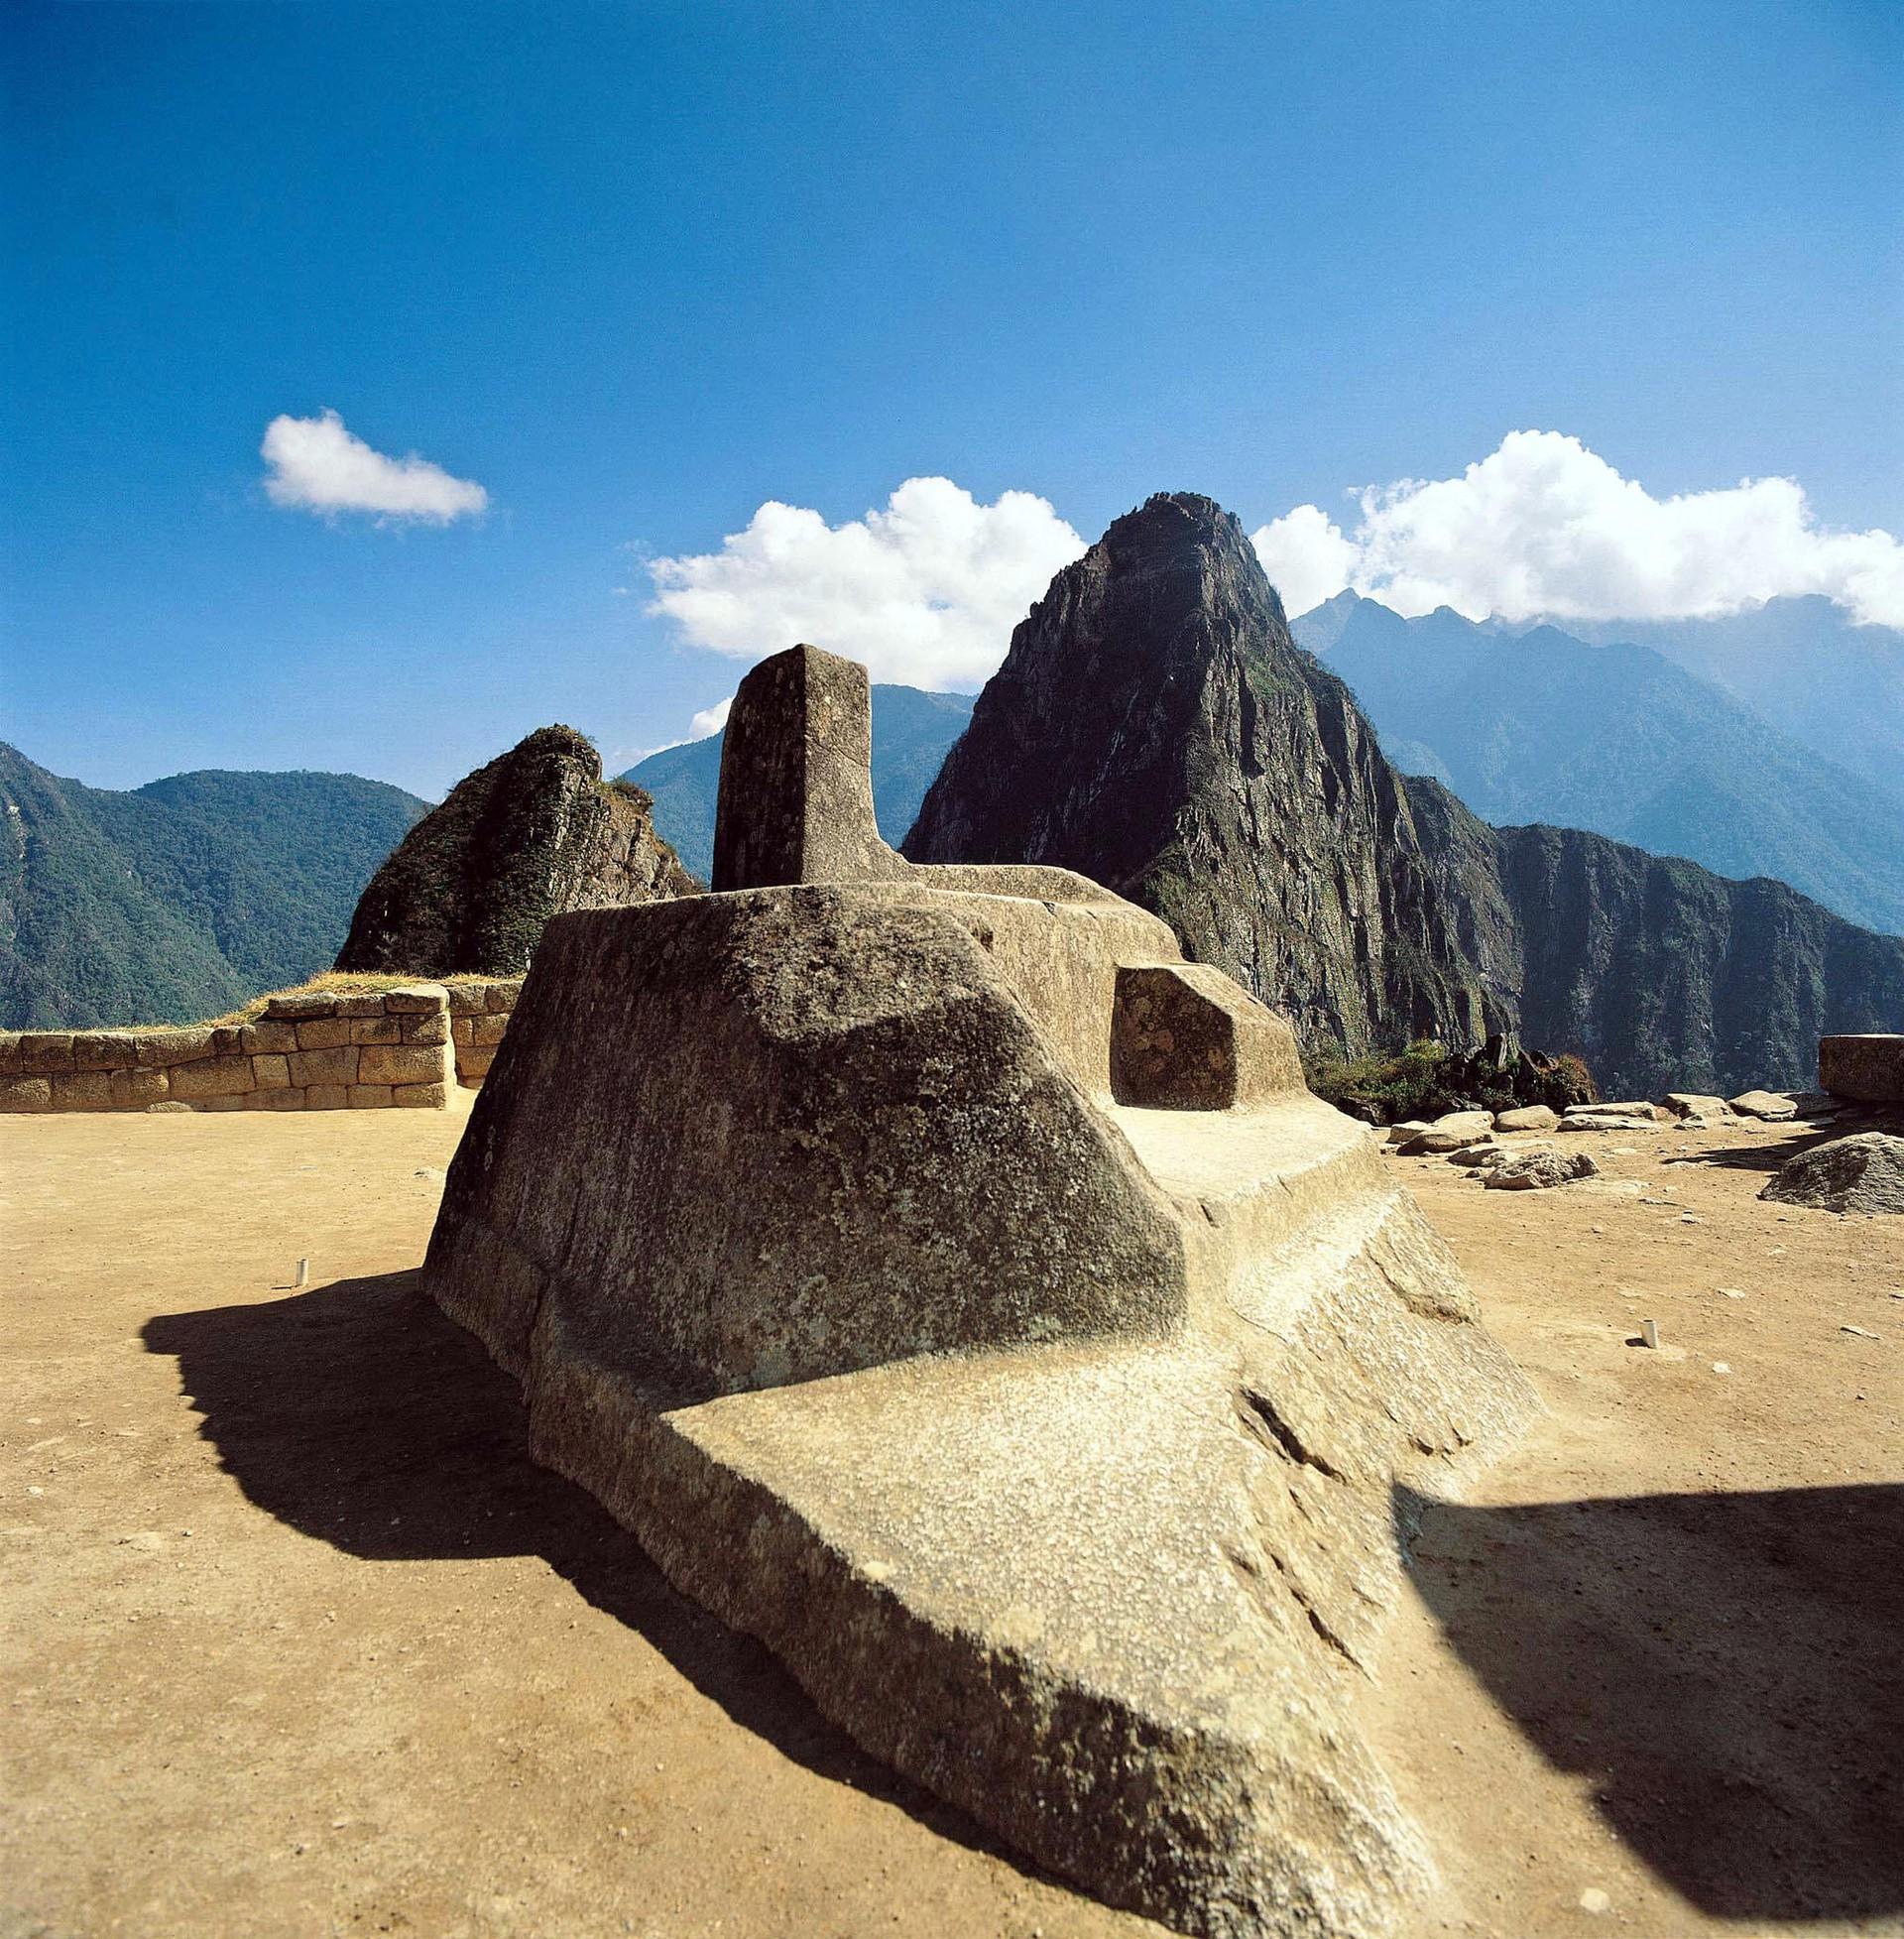 Um novo trecho do caminho inca foi descoberto (Foto: afp)